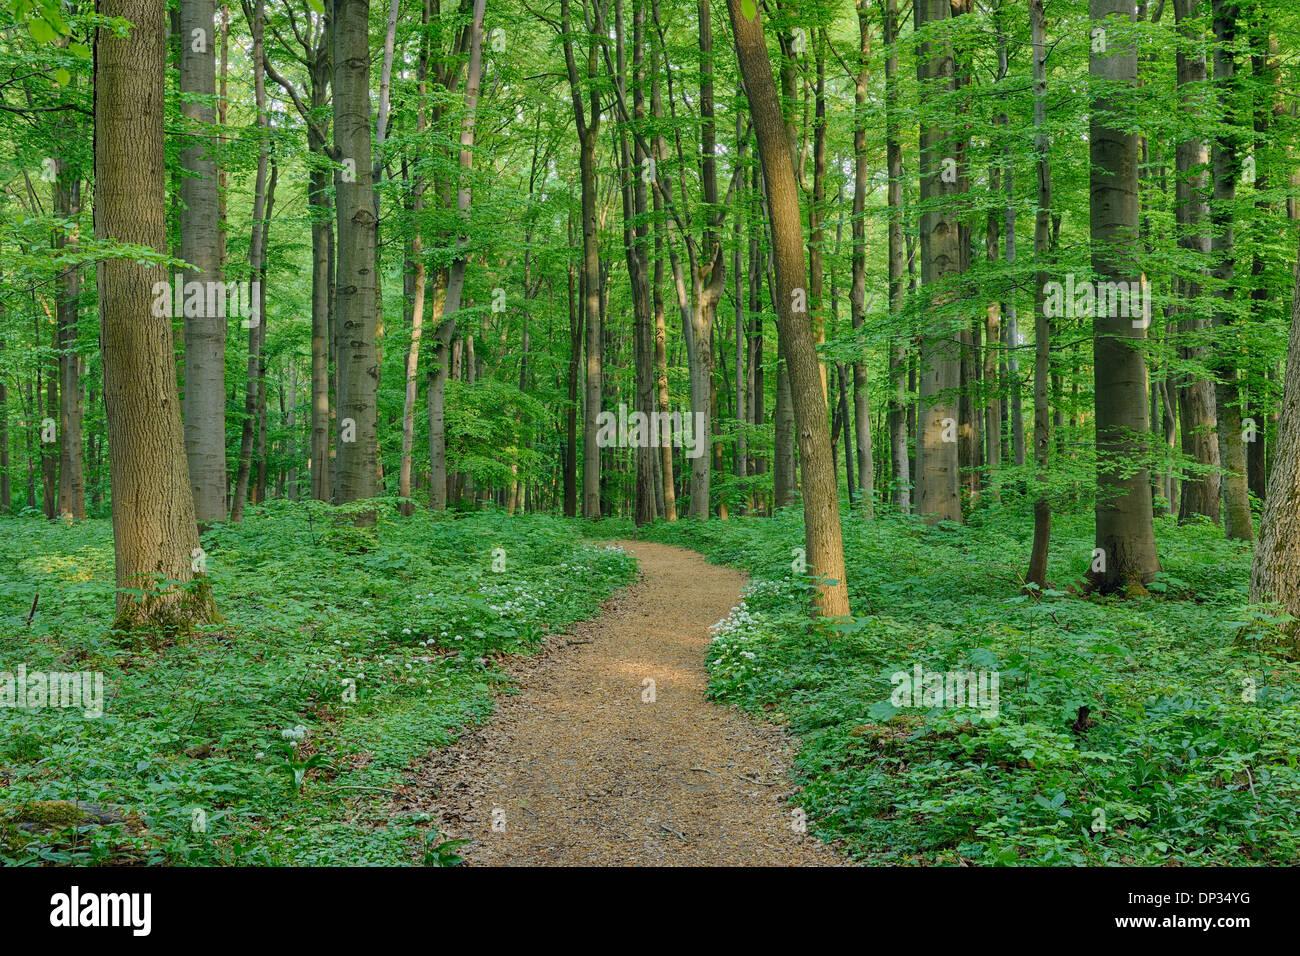 Sentier à travers hêtre européen (Fagus sylvatica) Forest in Spring, Parc national du Hainich, Thuringe, Allemagne Banque D'Images